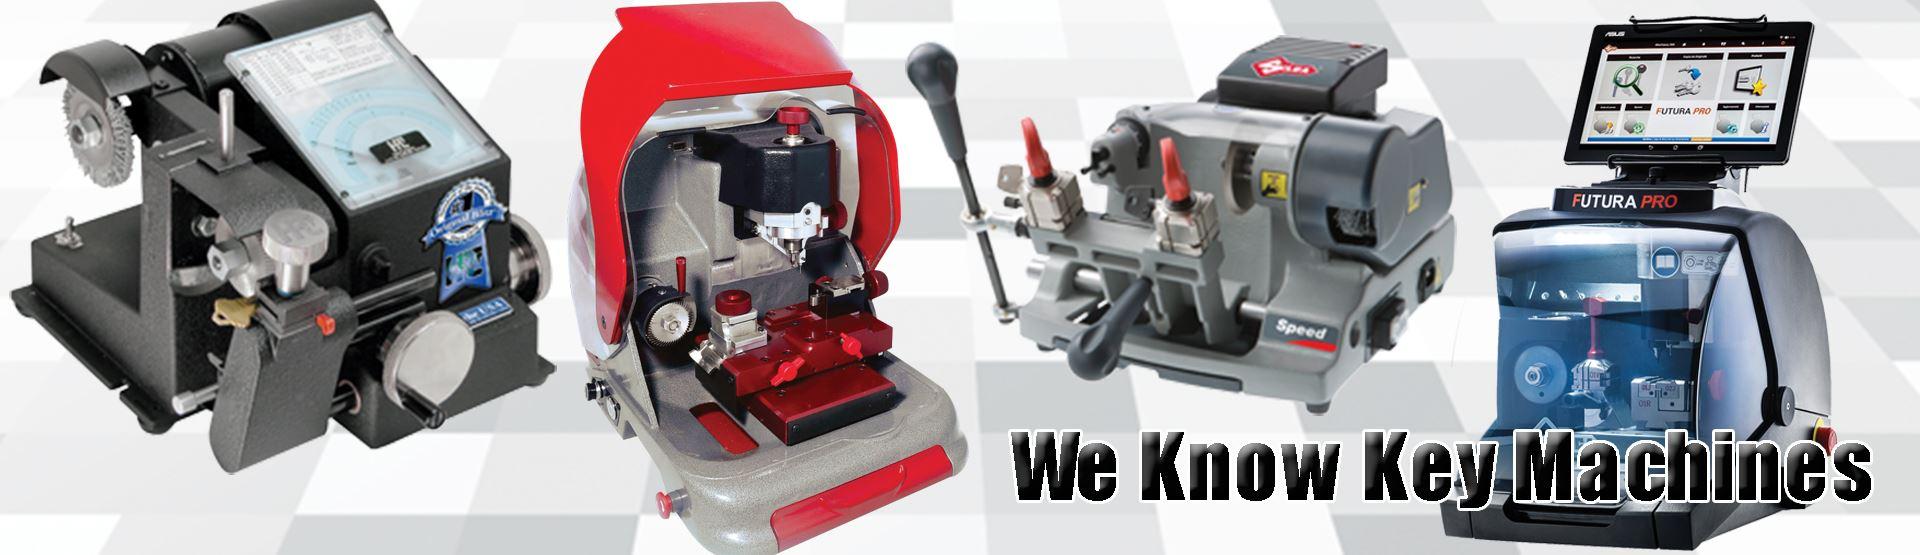 Key Machine Images